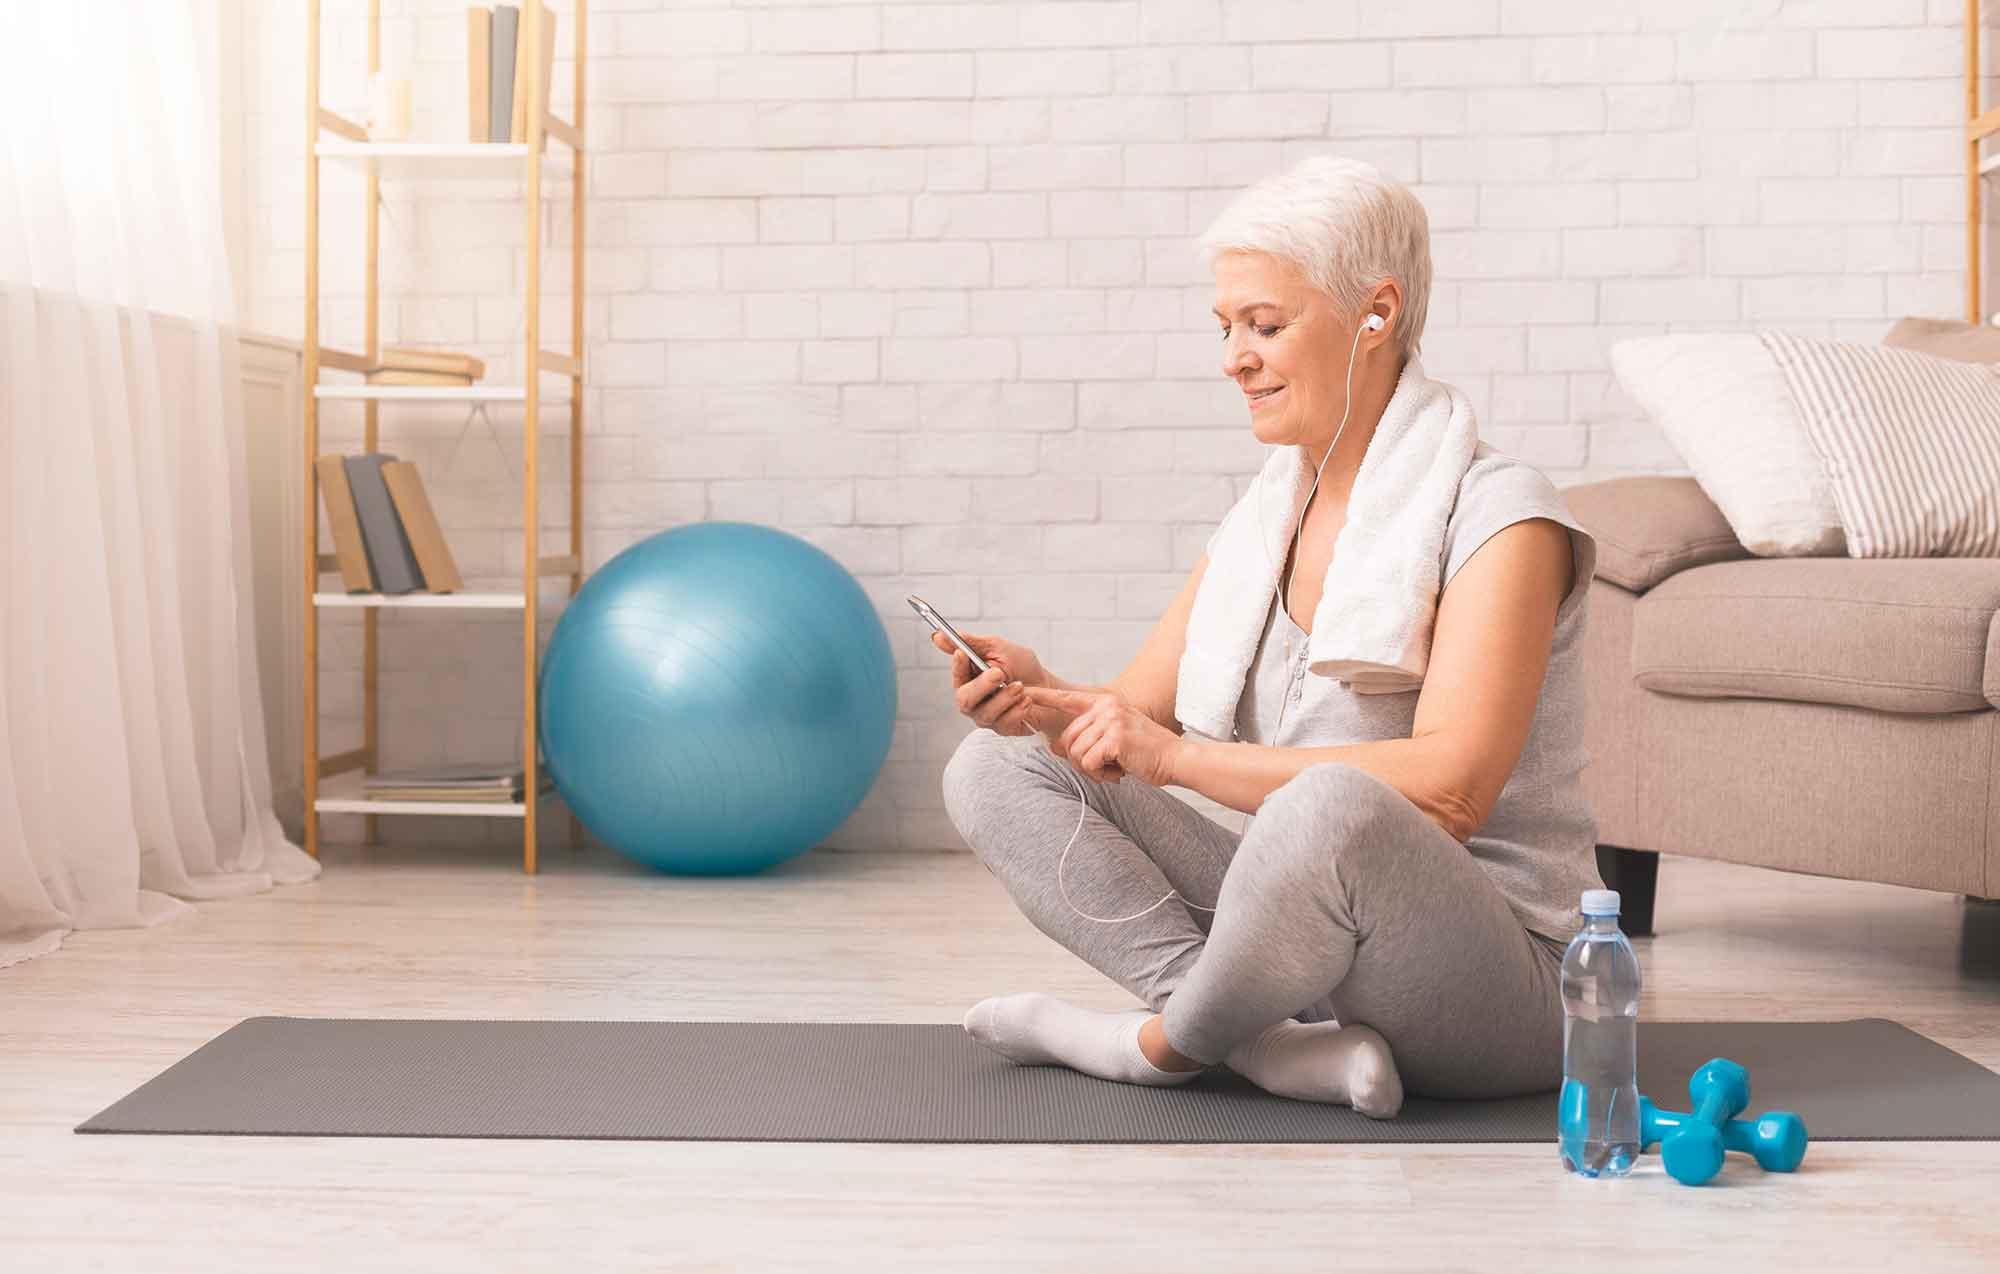 Yoga 4 - News-old